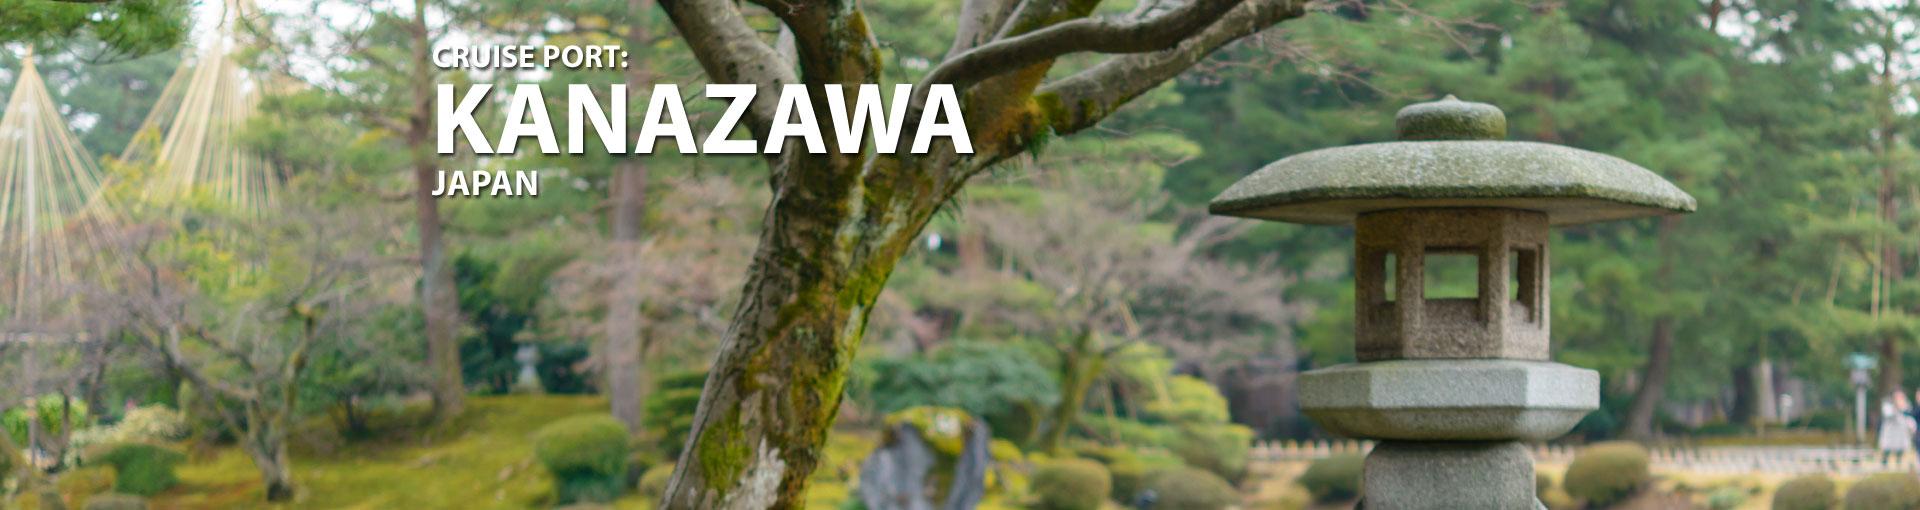 Cruises to Kanazawa, Japan